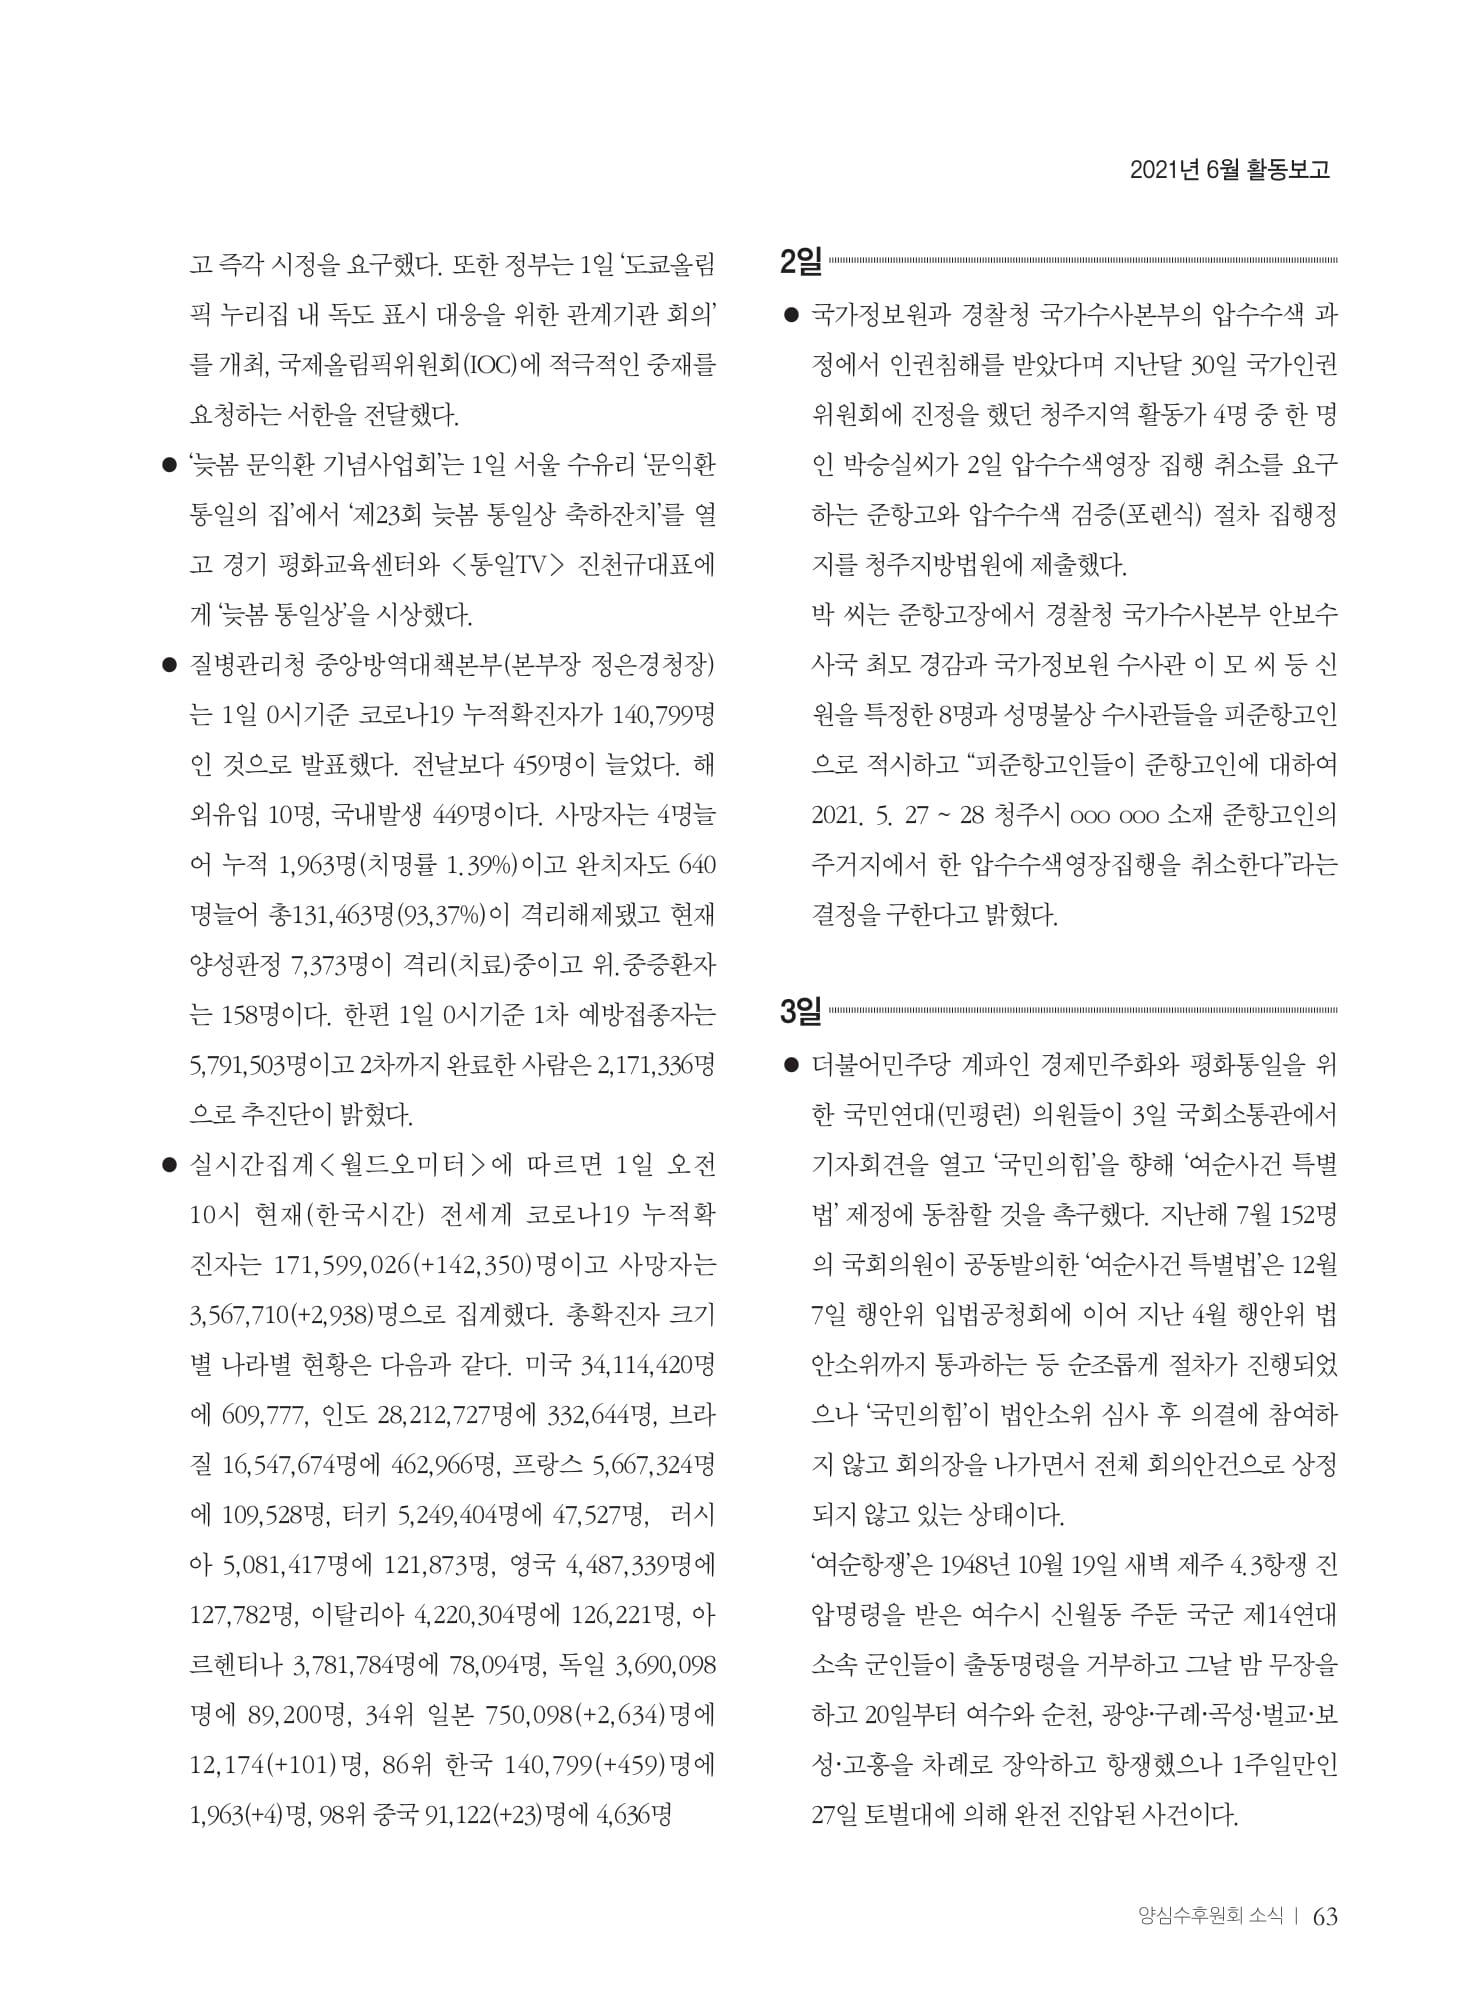 [양심수후원회] 소식지 354호 web 수정-65.jpg